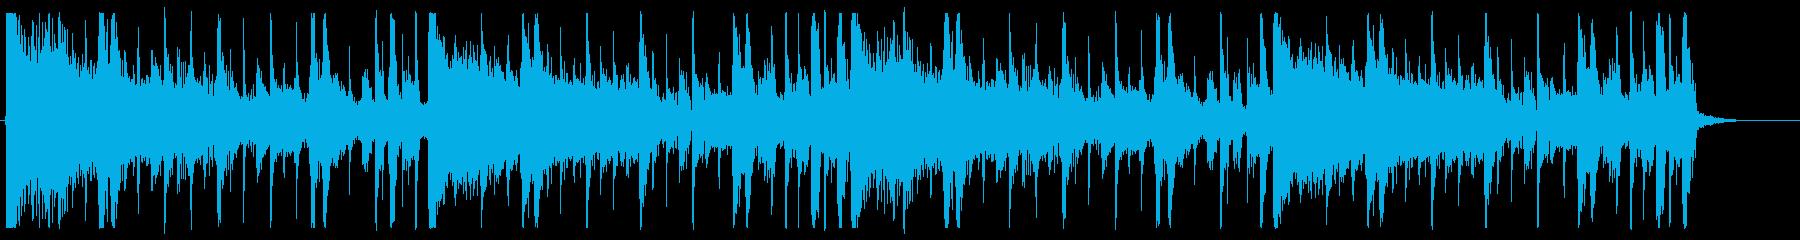 レトロ/夏_No595_4の再生済みの波形